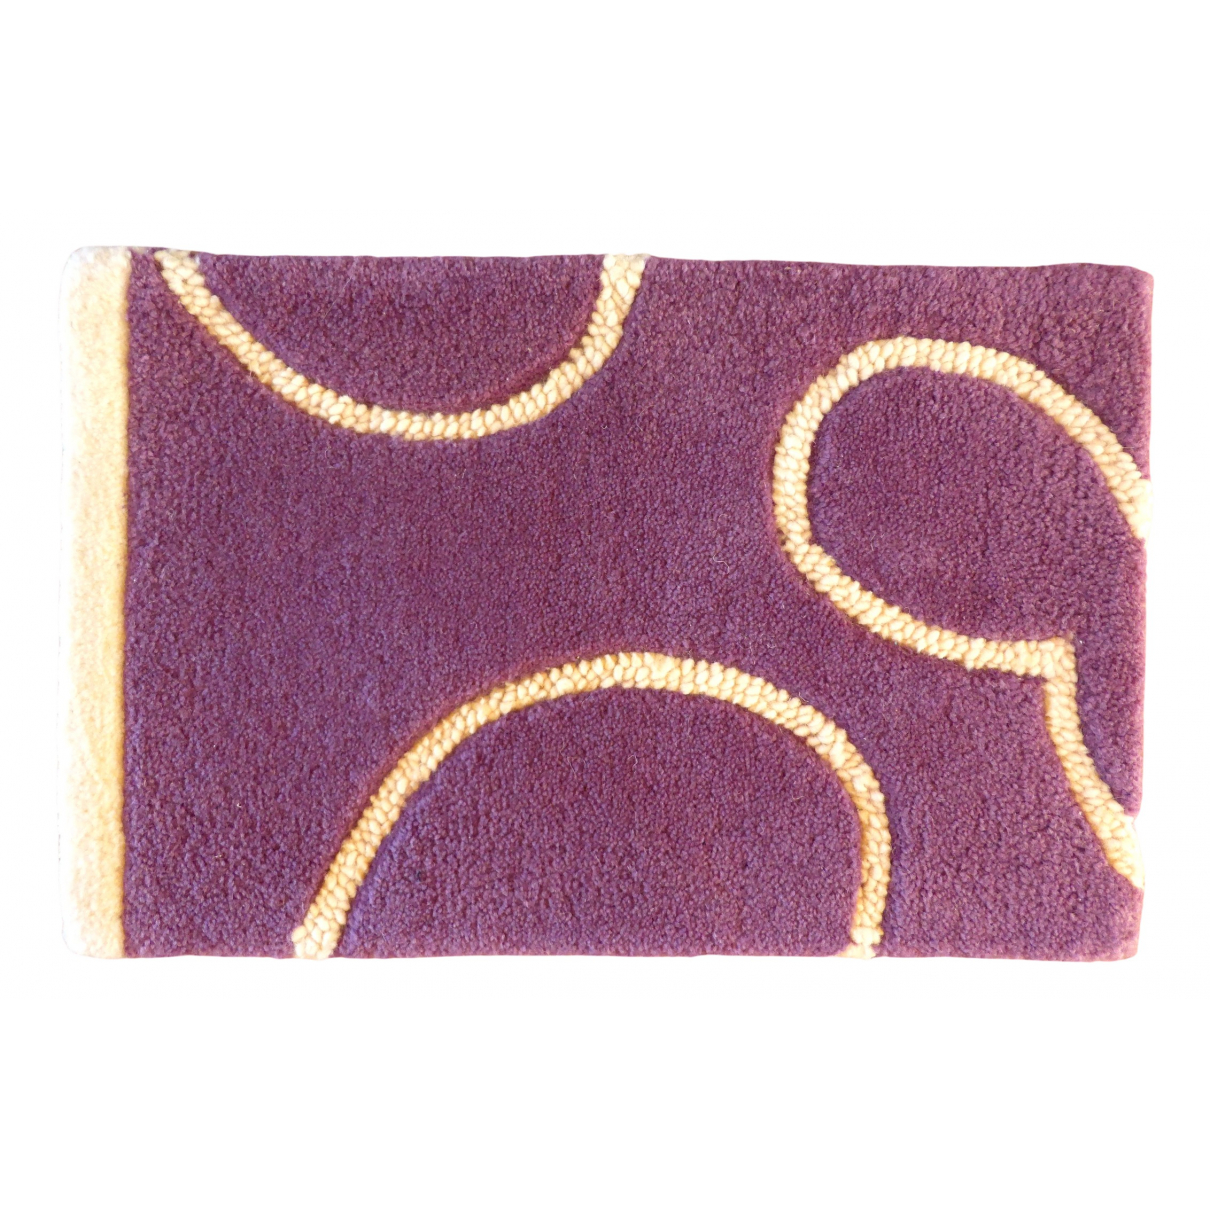 Missoni - Linge de maison   pour lifestyle en laine - violet